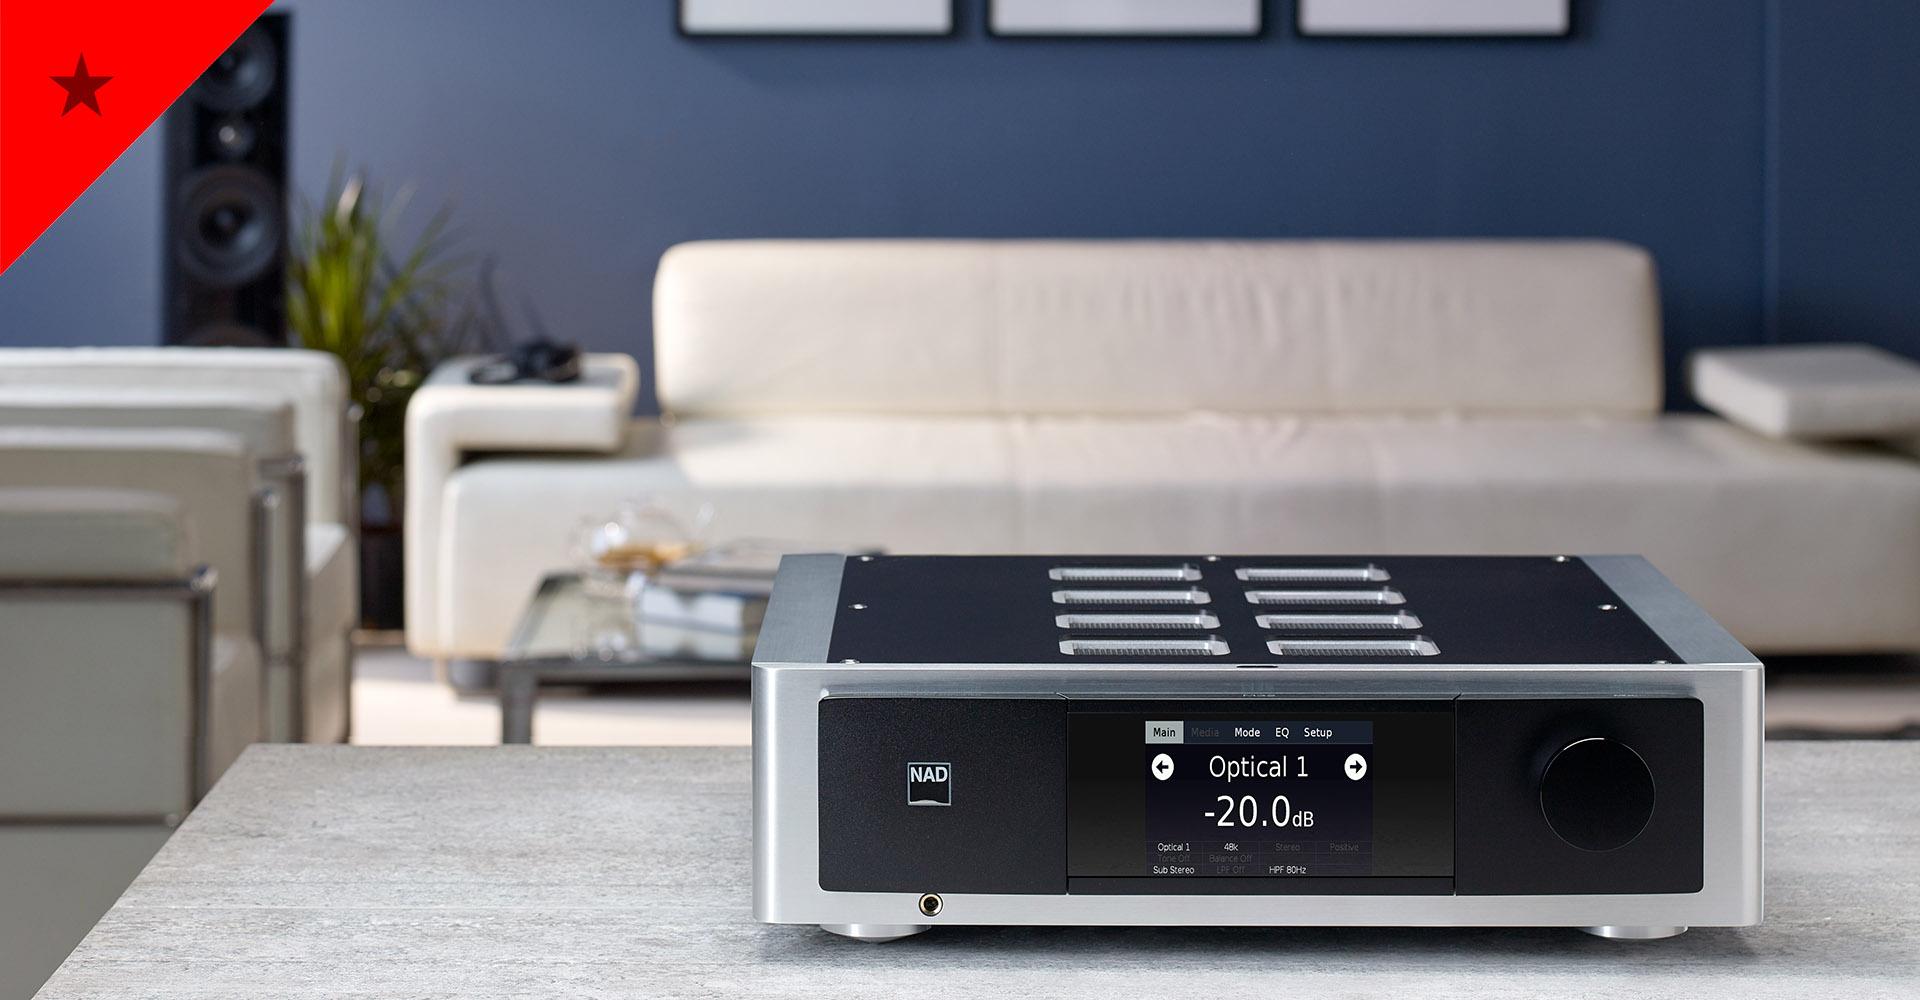 Sigma Audio Nad M32 Top Ponuda Vrhunskih Nad Pojacala